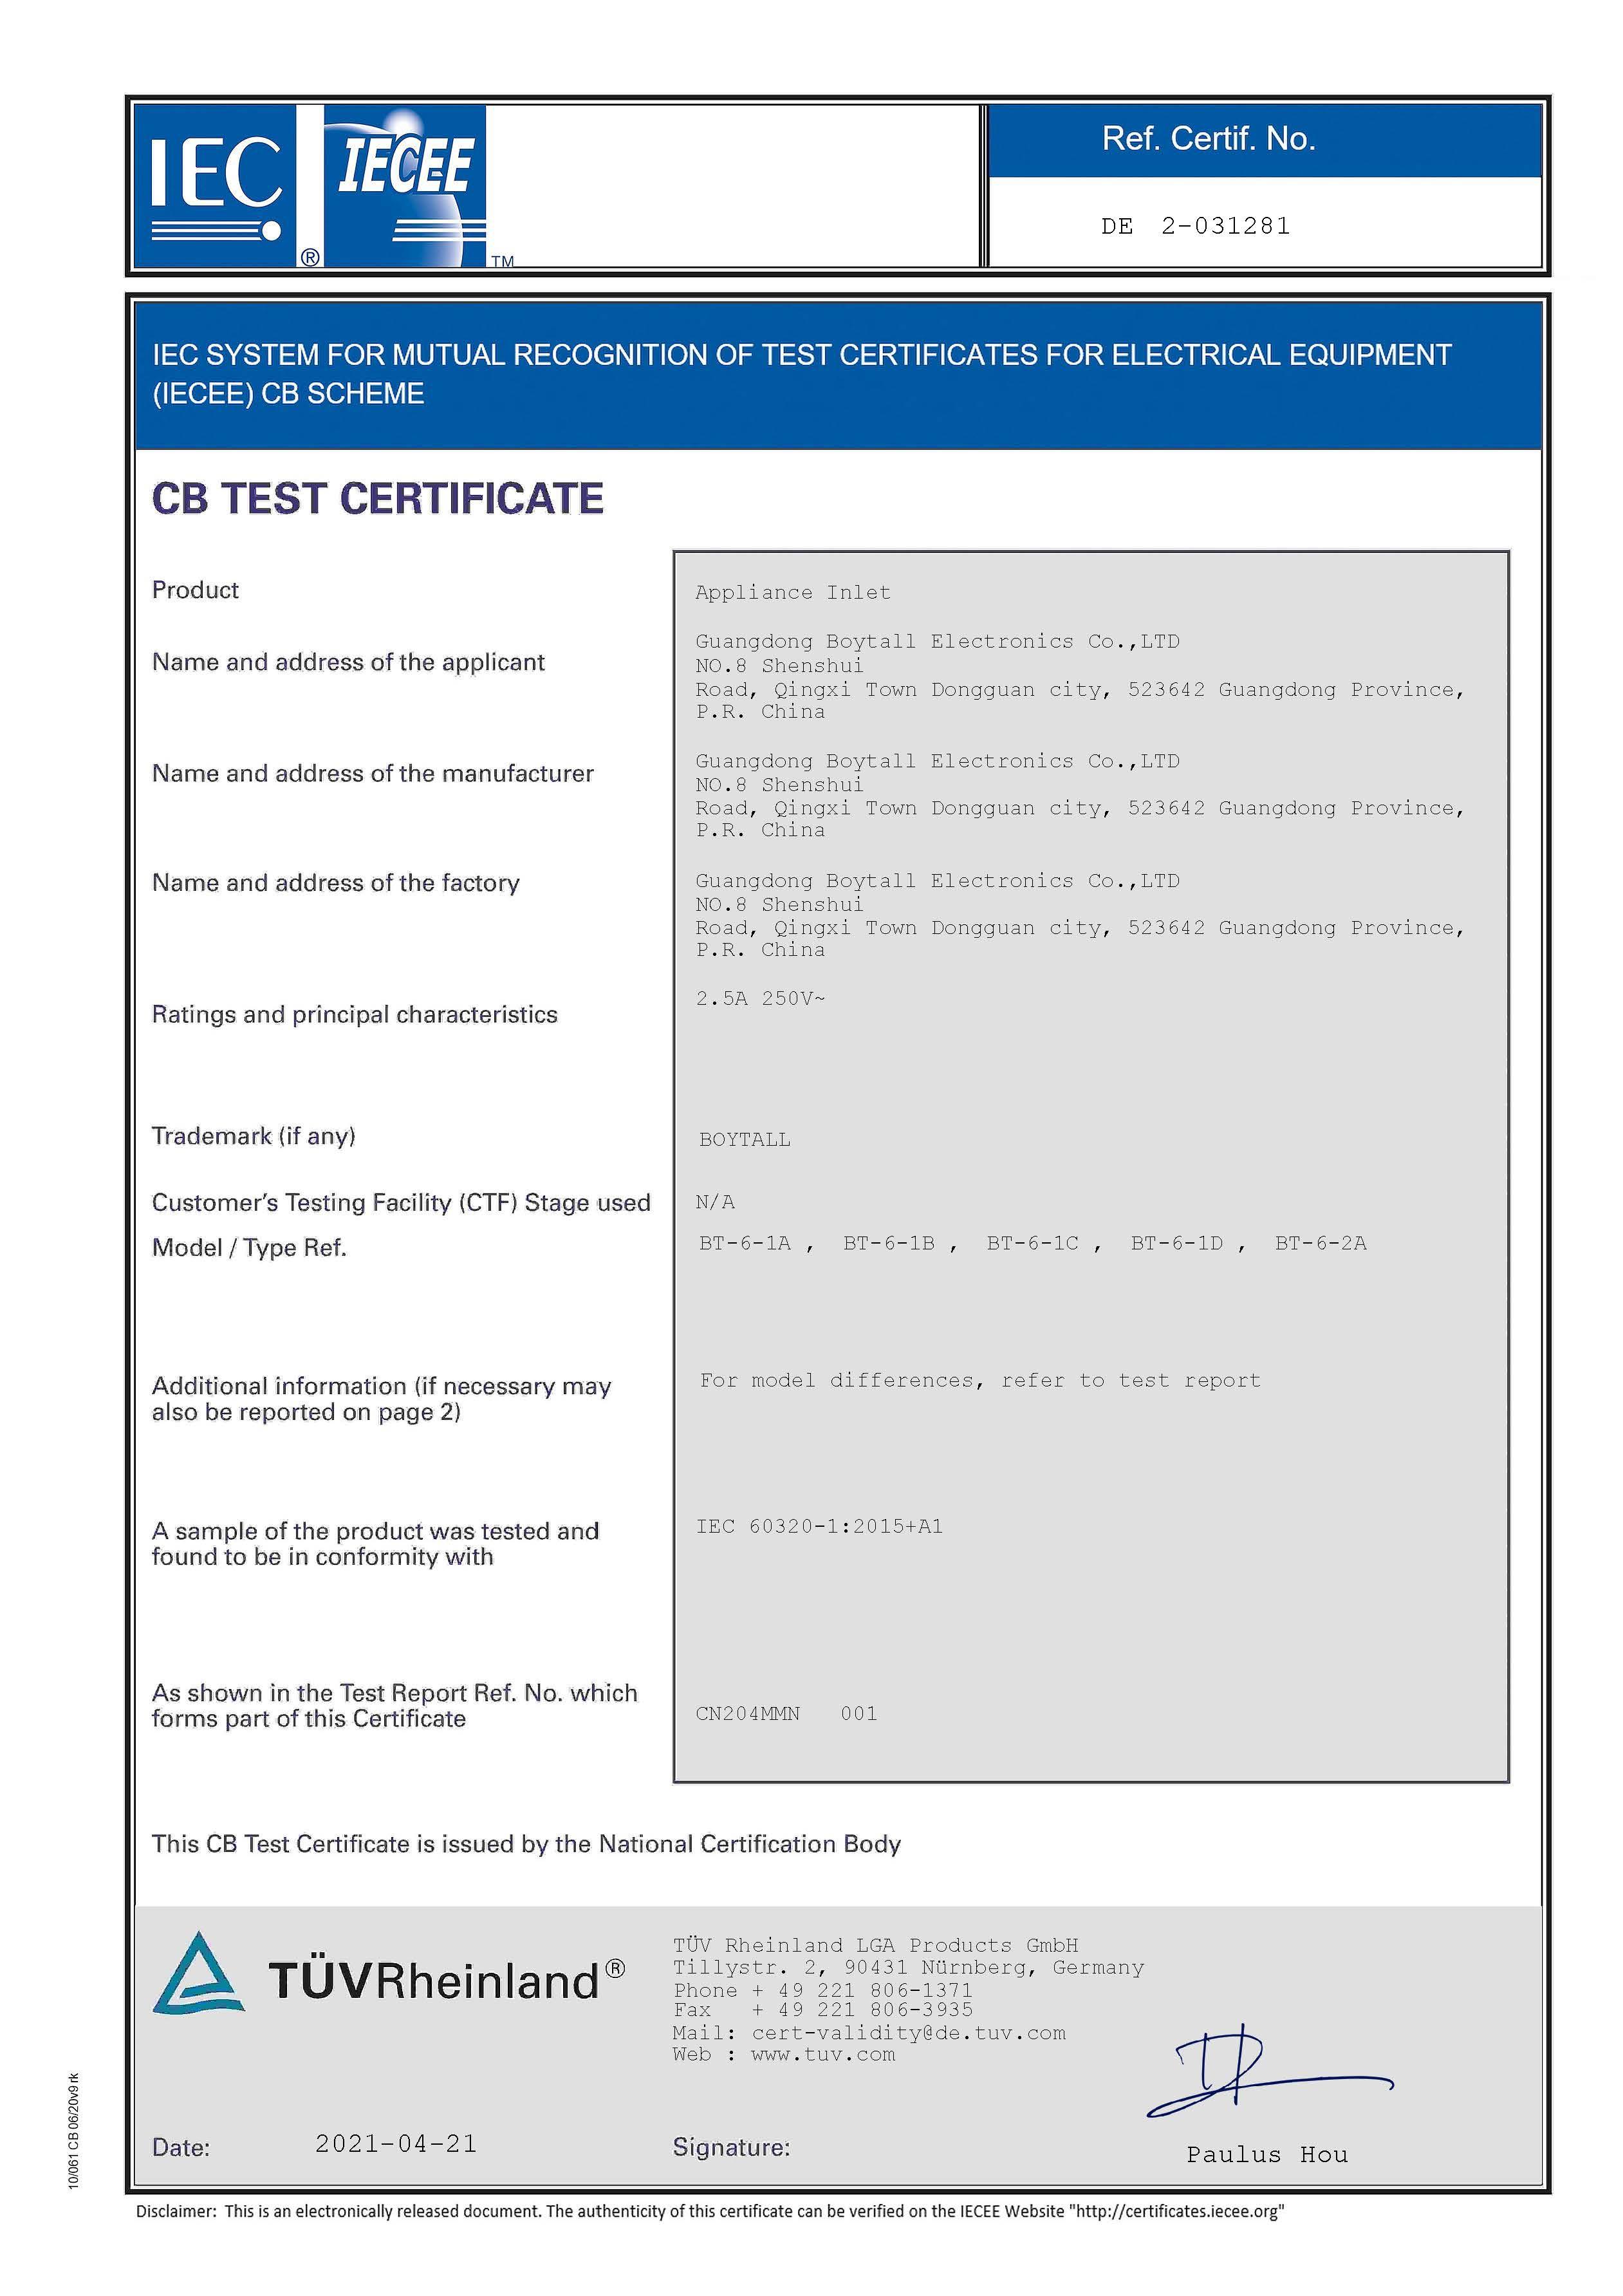 BT-6系列 IEC证书